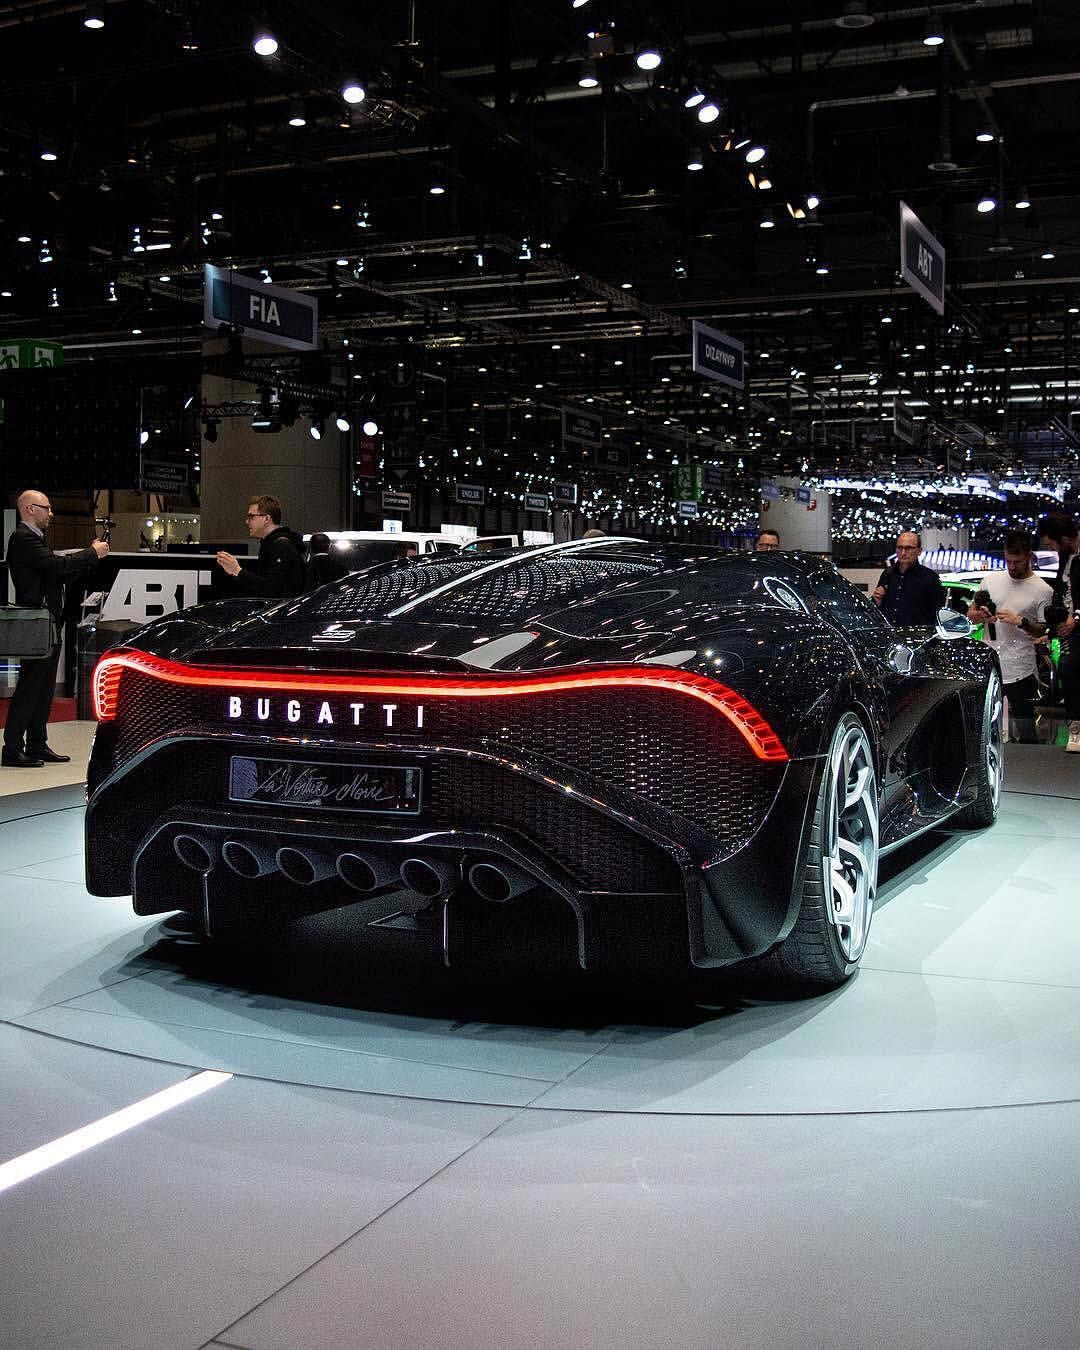 Bugatti La Voiture Noire 🖤